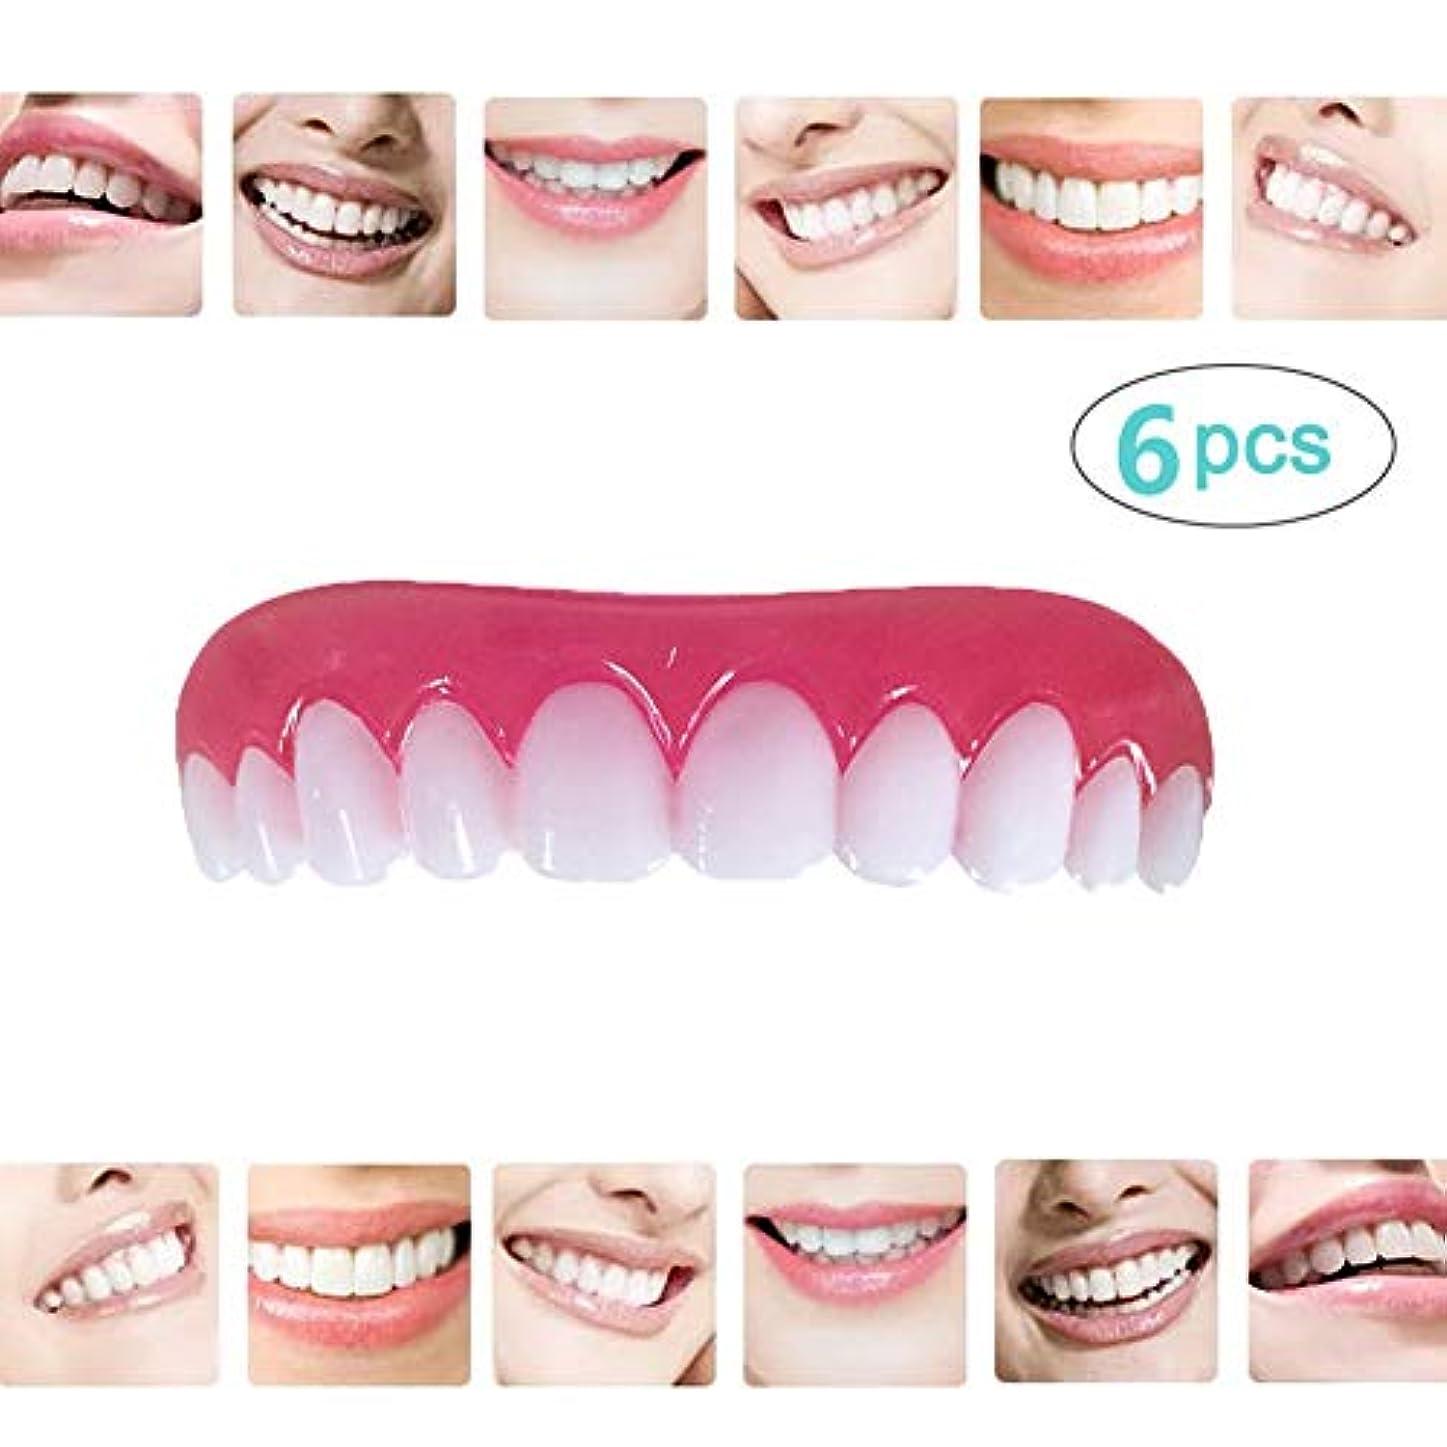 効果的つかまえる人気の6枚の歯科用化粧板が歯の化粧化粧板の上部にぴったり合うサイズがすべての義歯の接着剤の歯に似ています偽の歯の笑顔